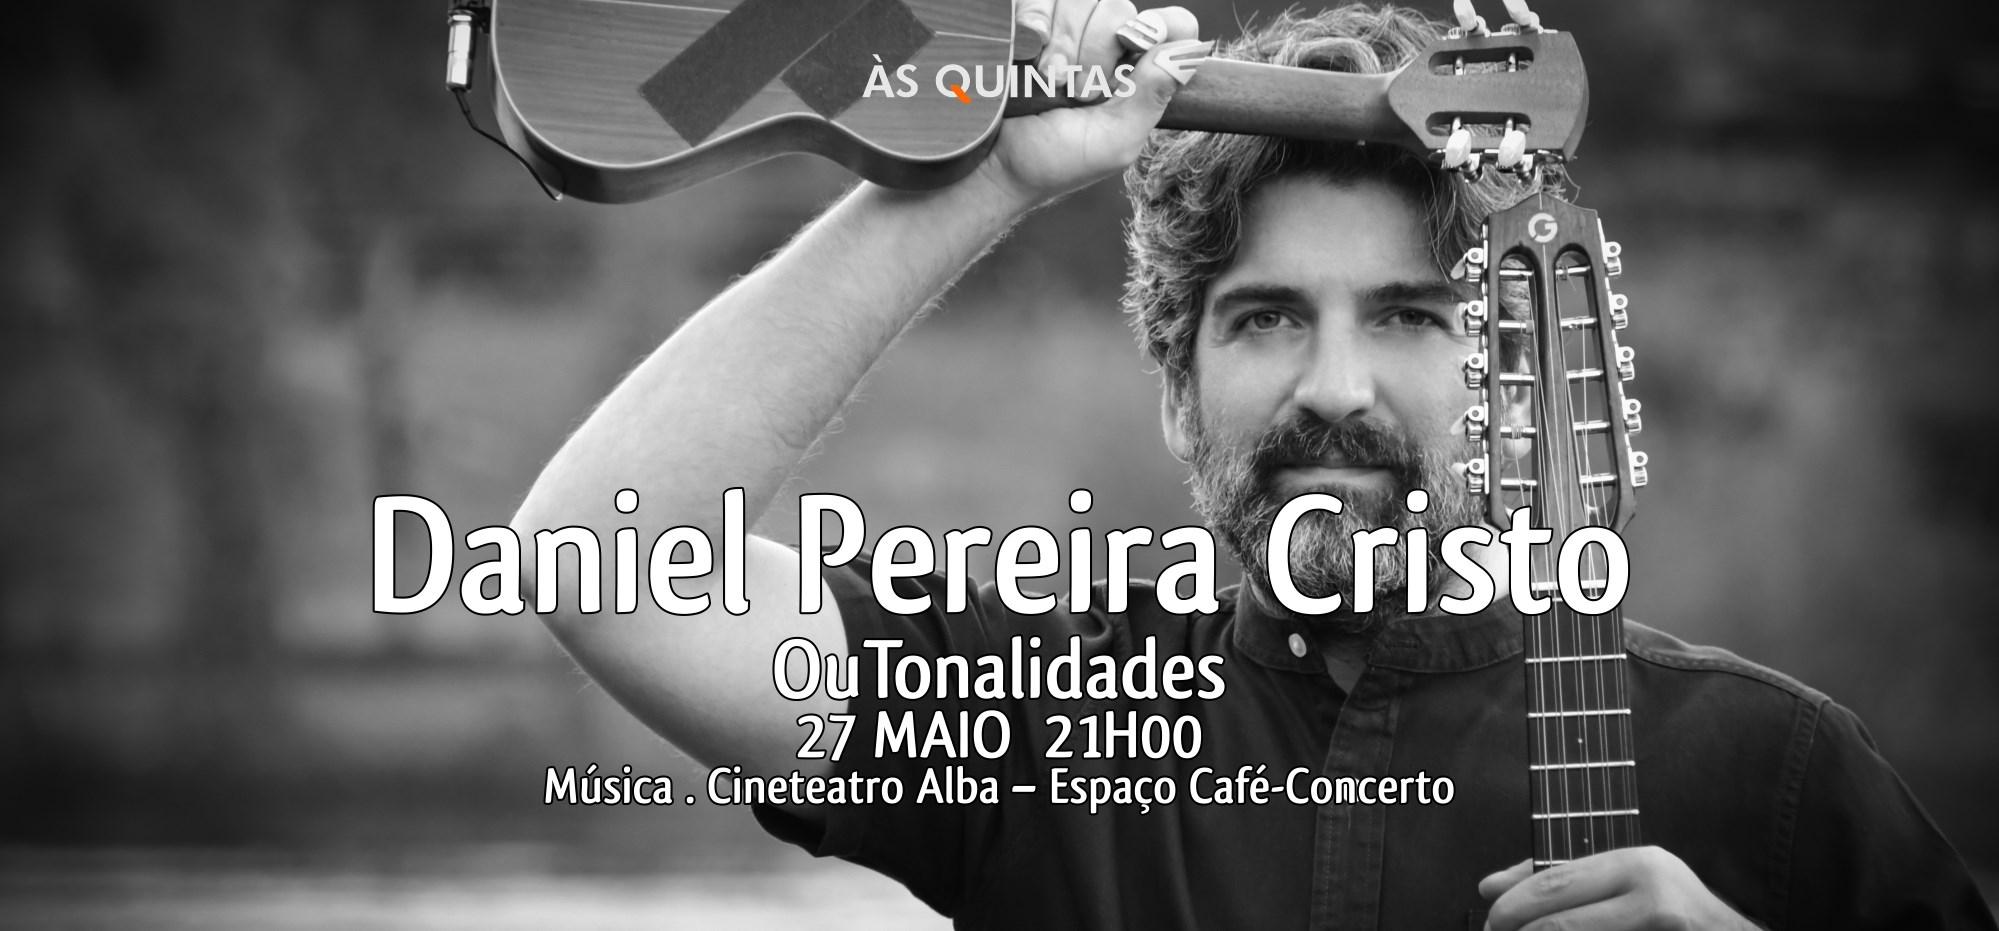 Daniel Pereira Cristo - OuTonalidades